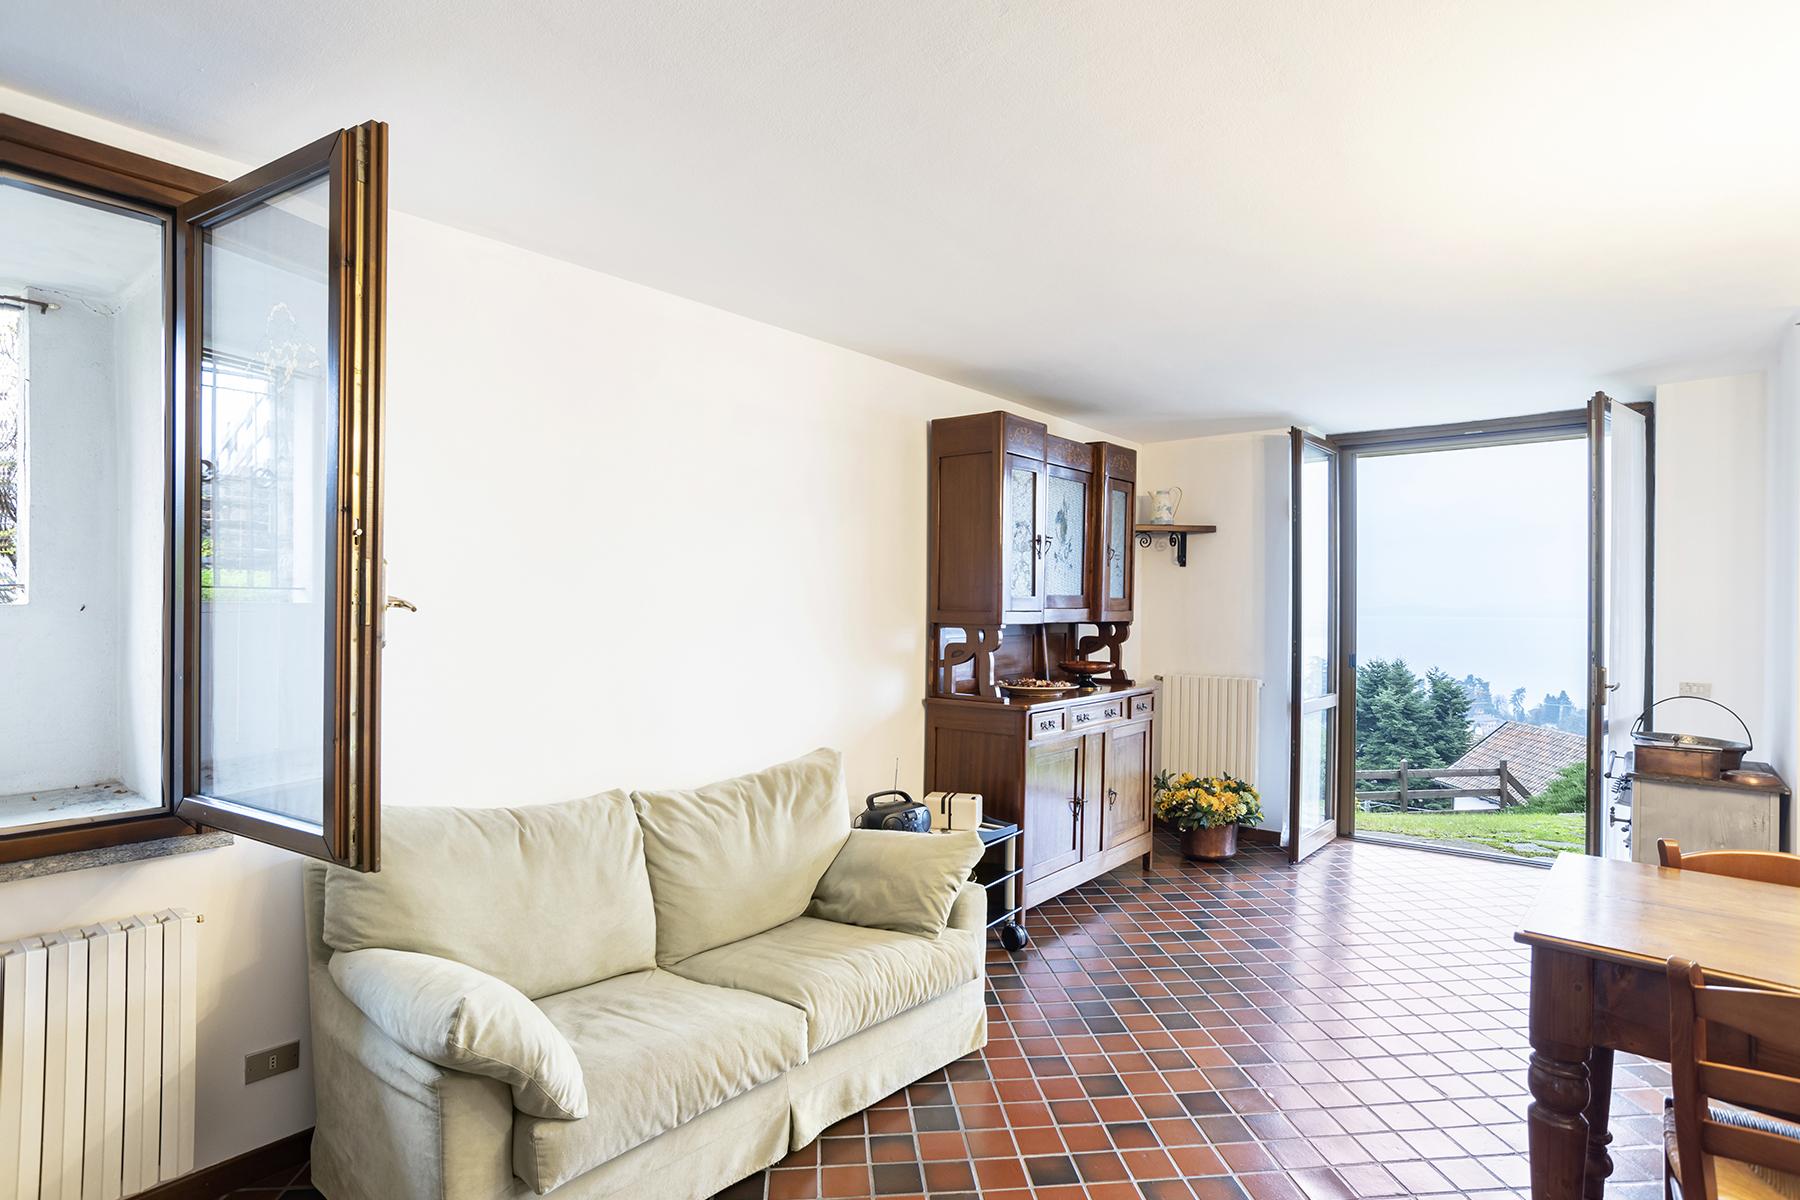 Villa in Vendita a Meina: 4 locali, 300 mq - Foto 8